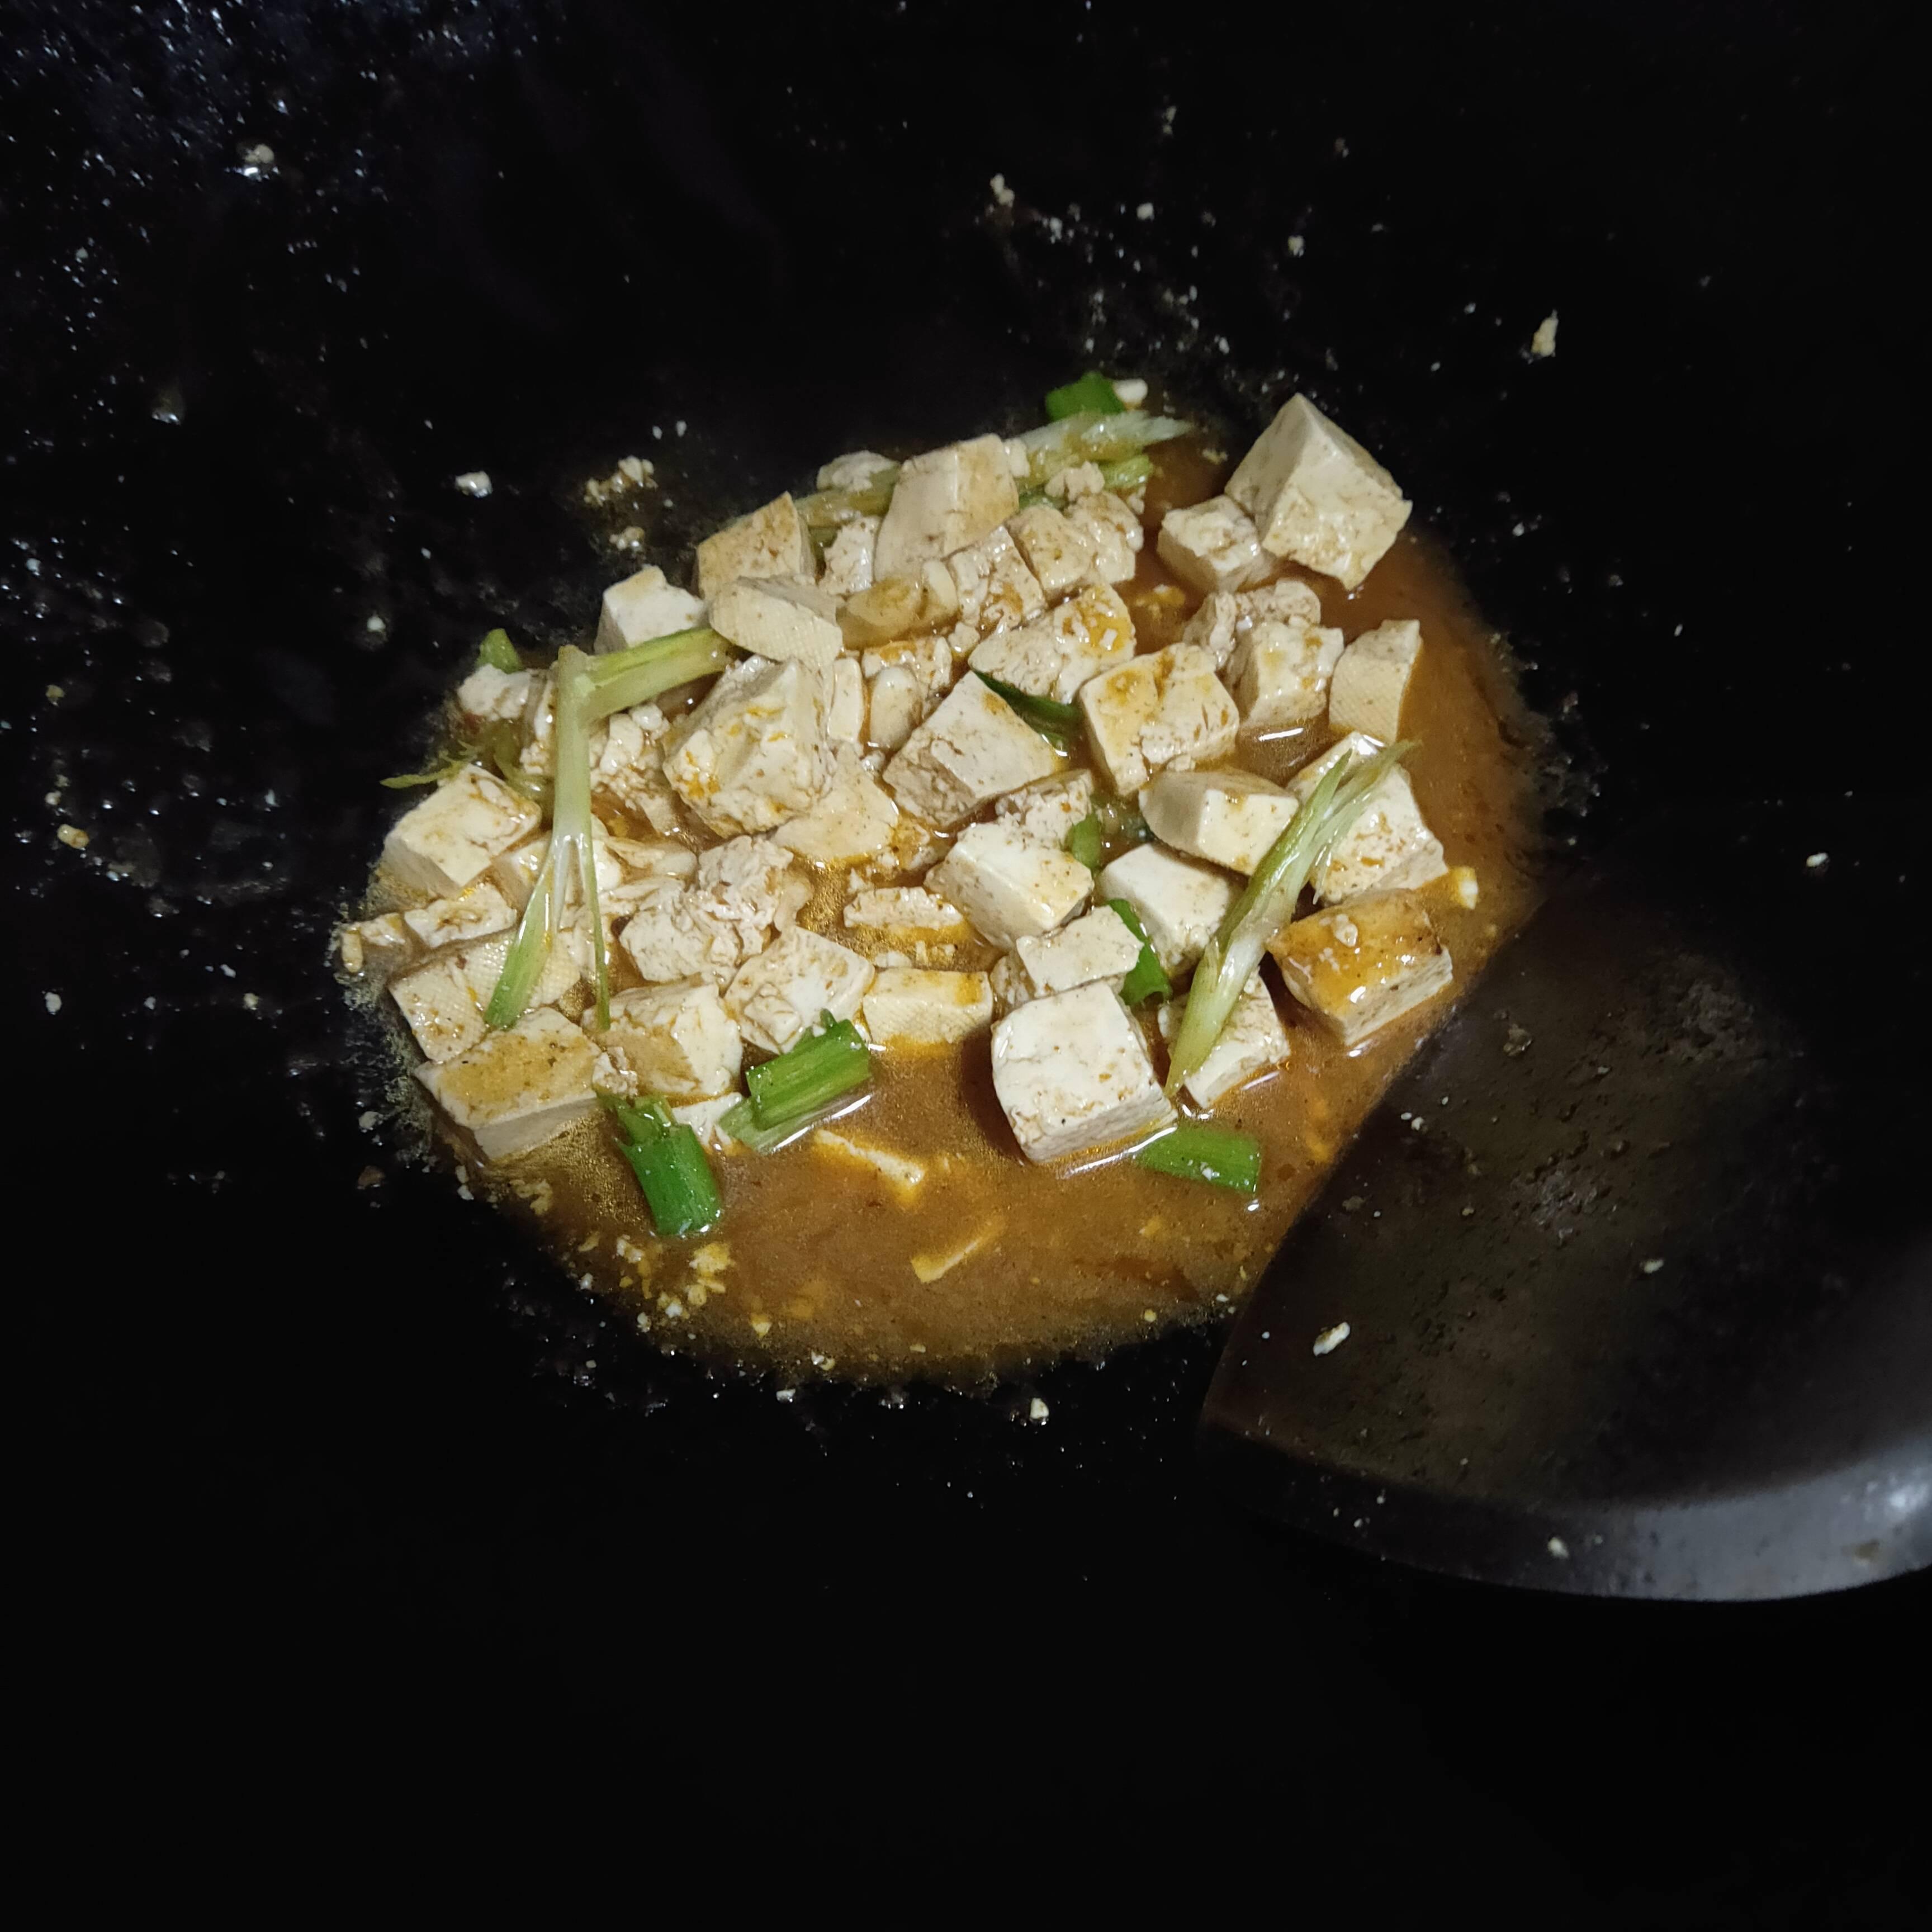 麻辣冻豆腐怎么吃